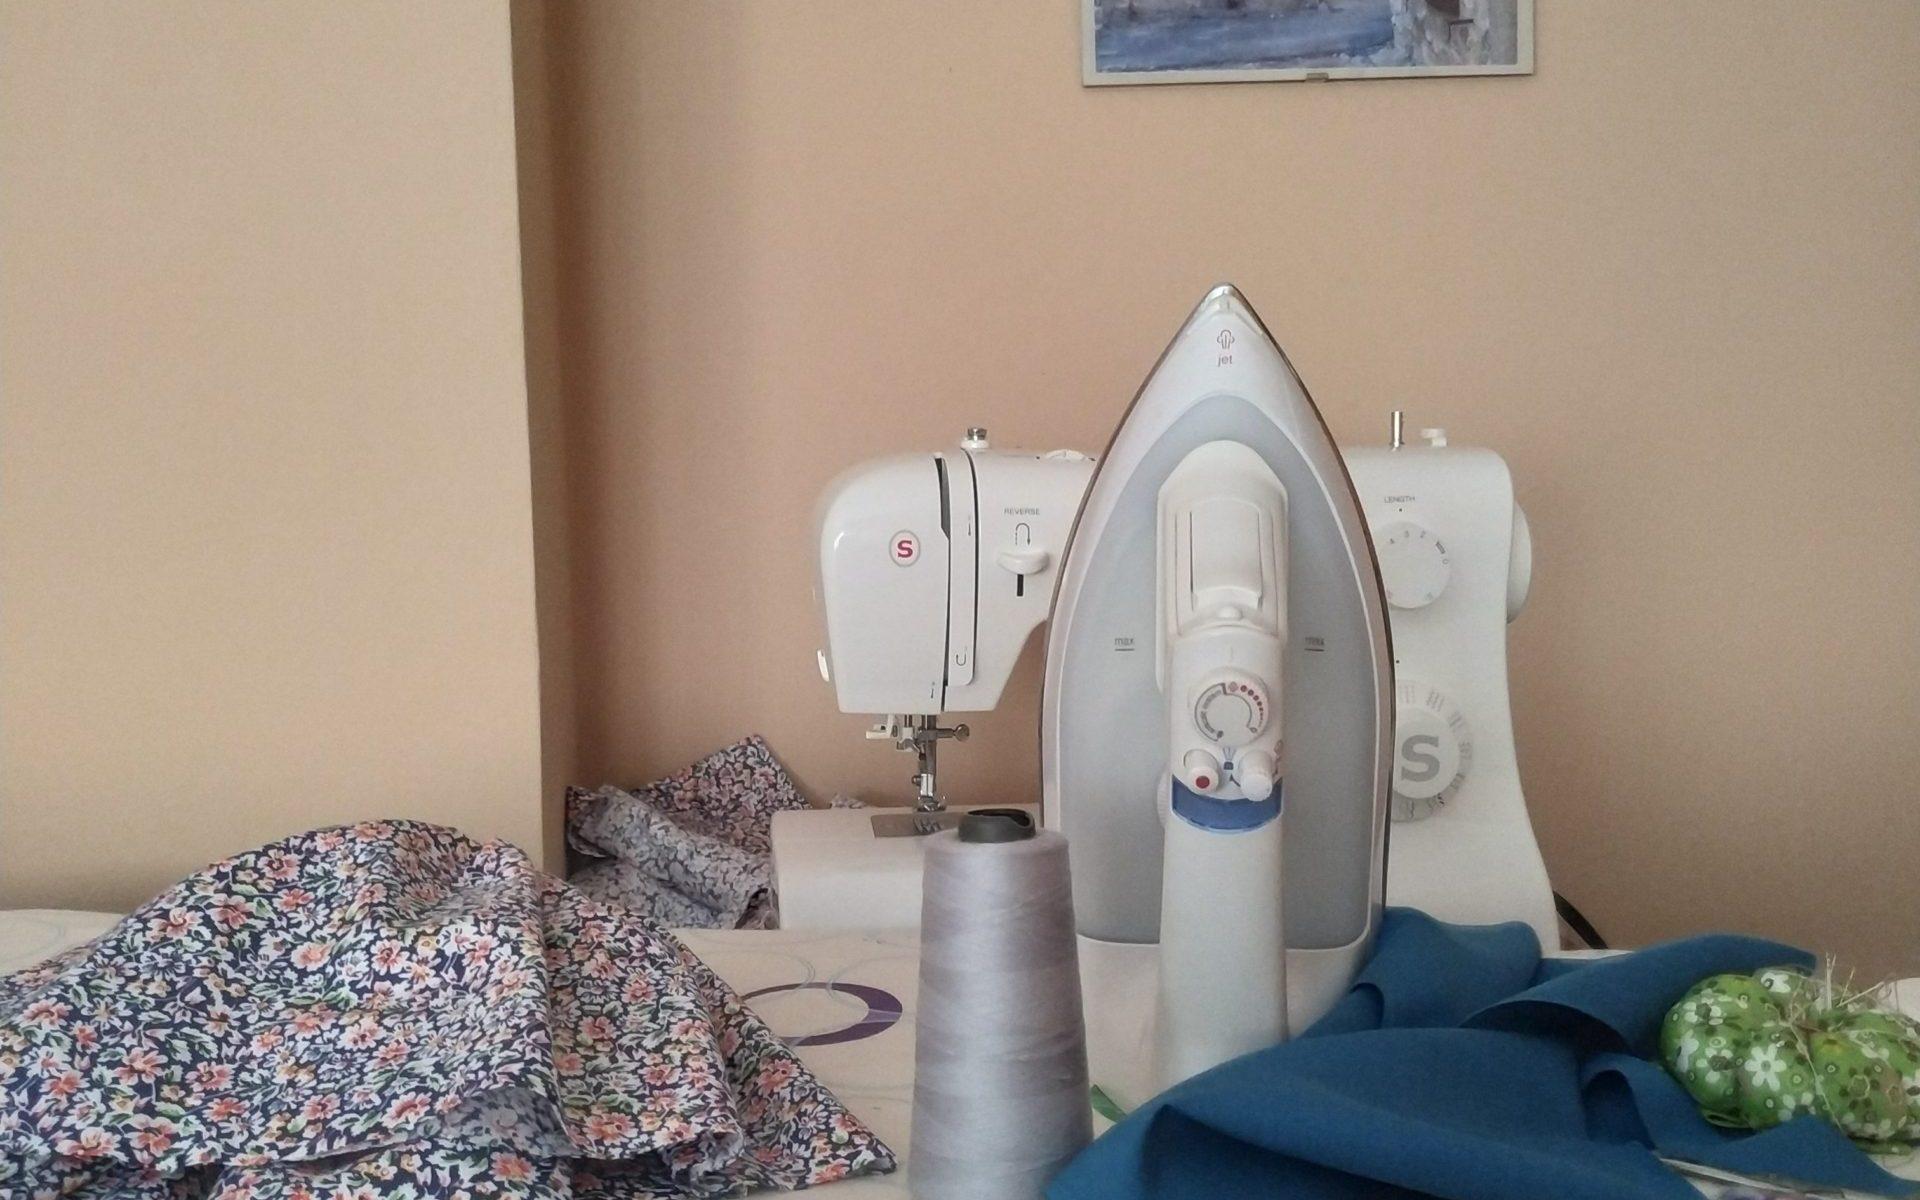 preparando la máquina de coser